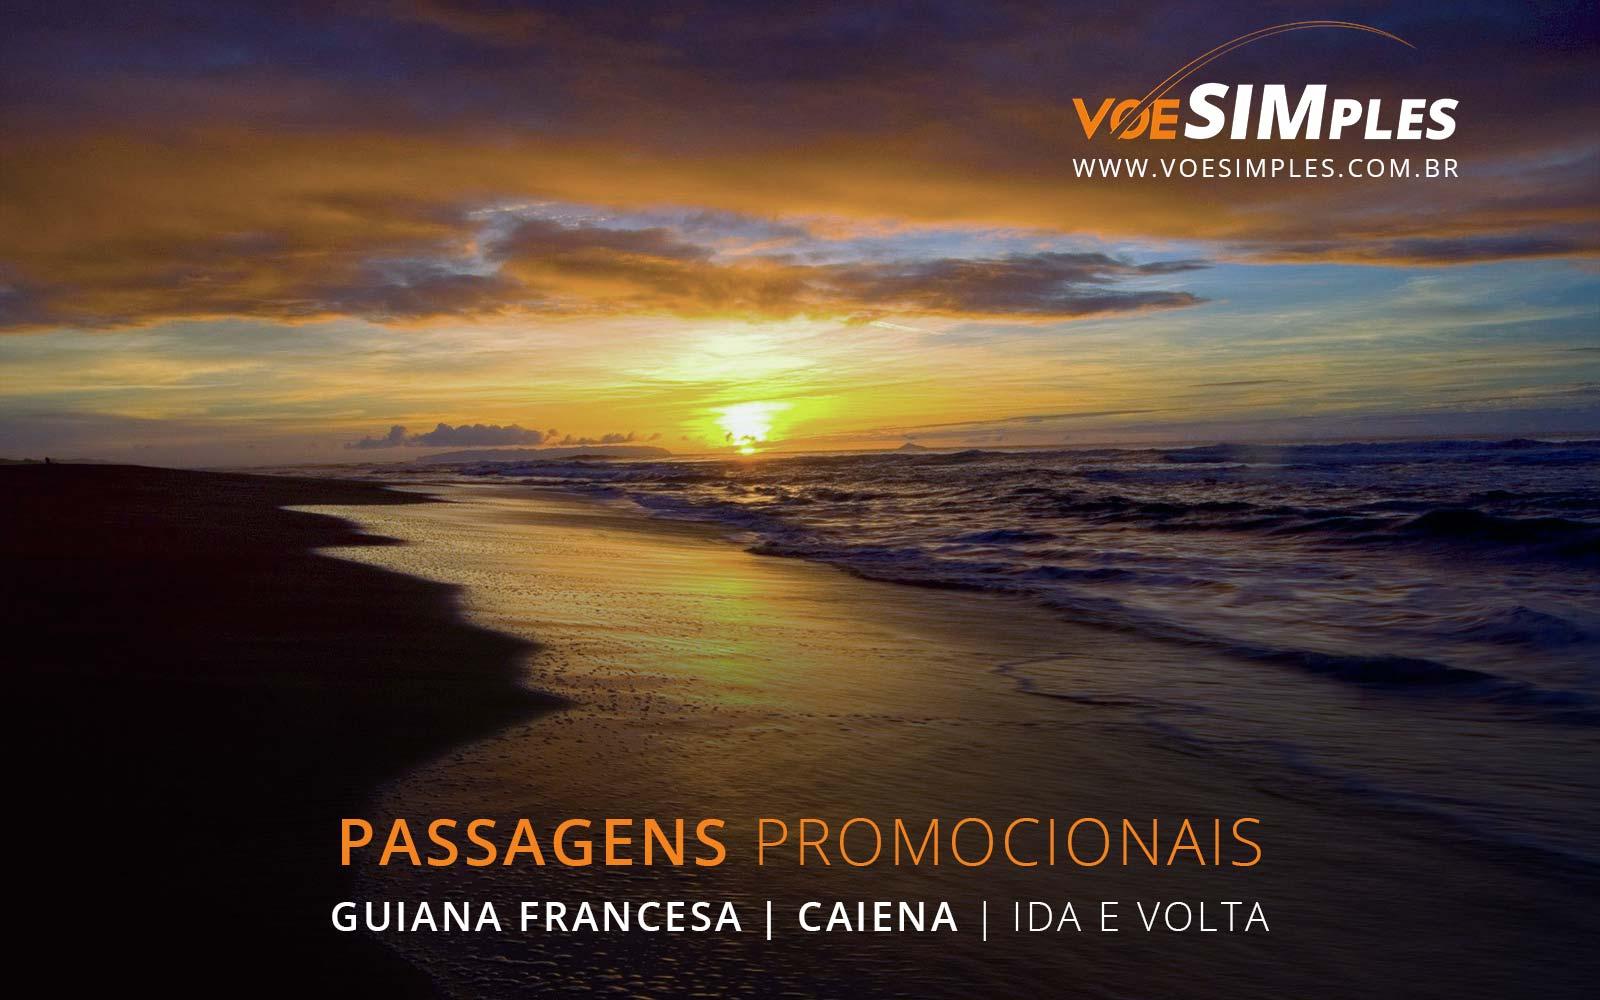 Passagens aéreas promocionais para Caiena na Guiana Francesa.